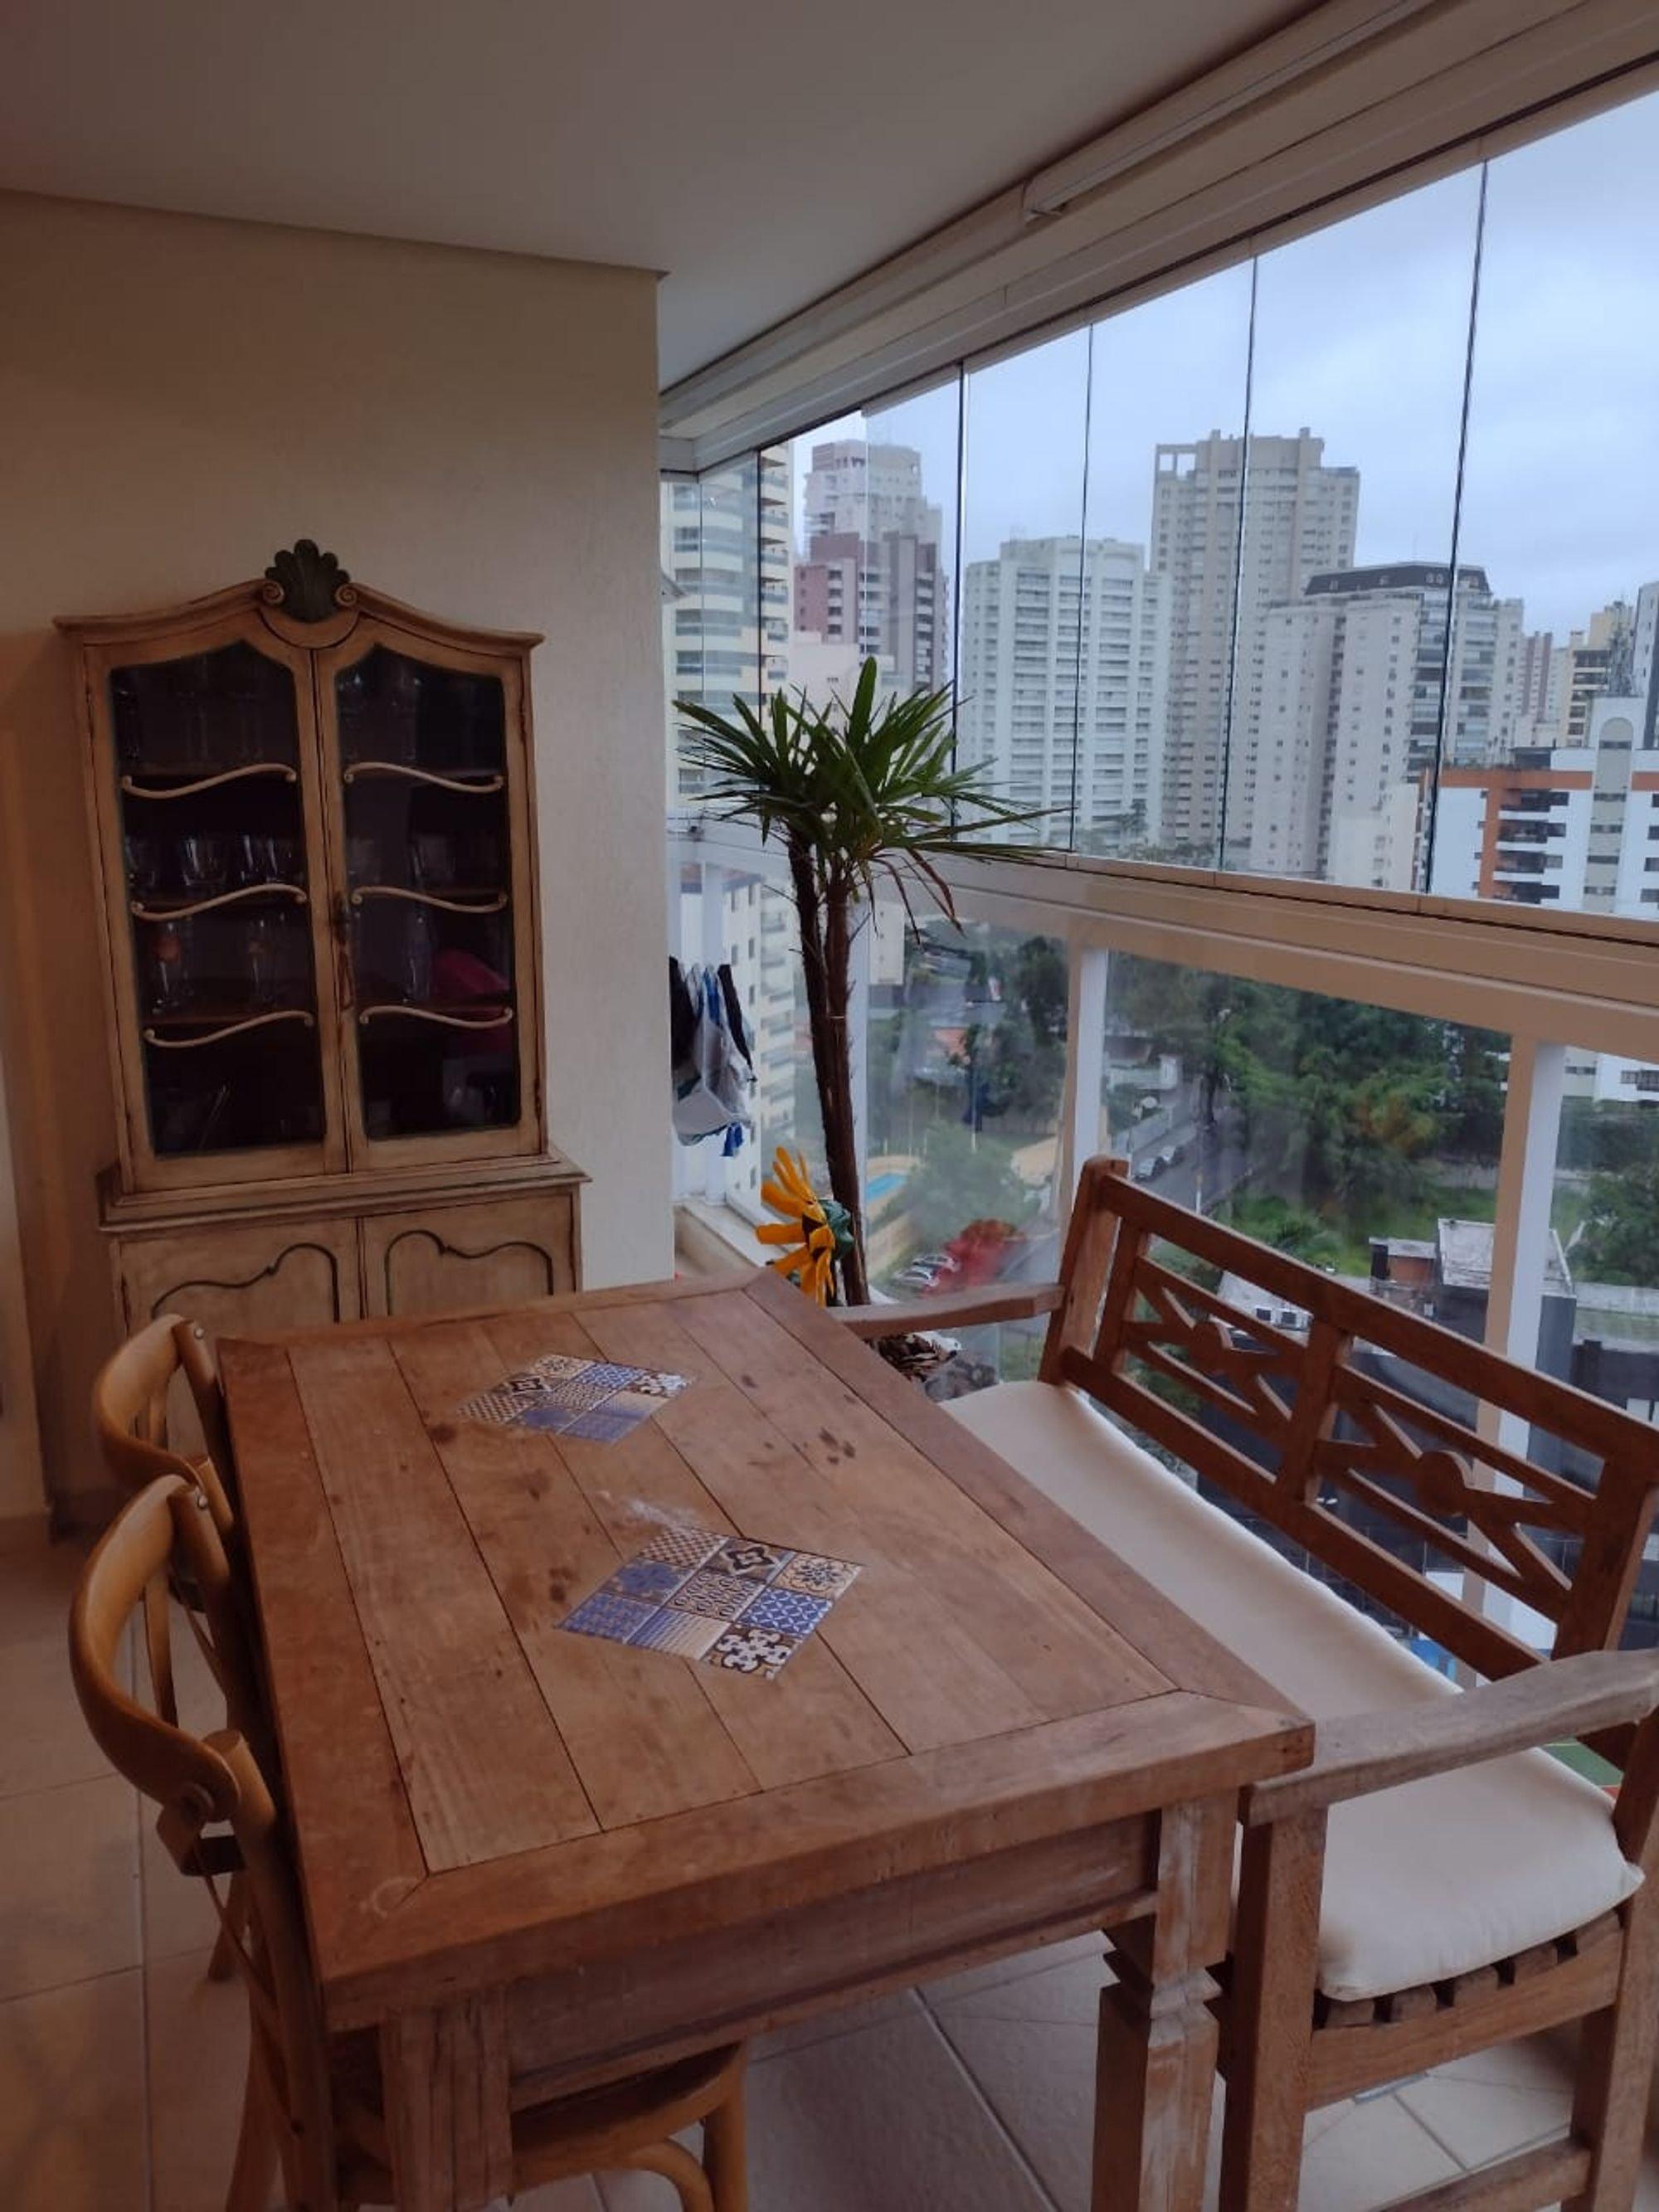 Foto de Sala com banco, cadeira, mesa de jantar